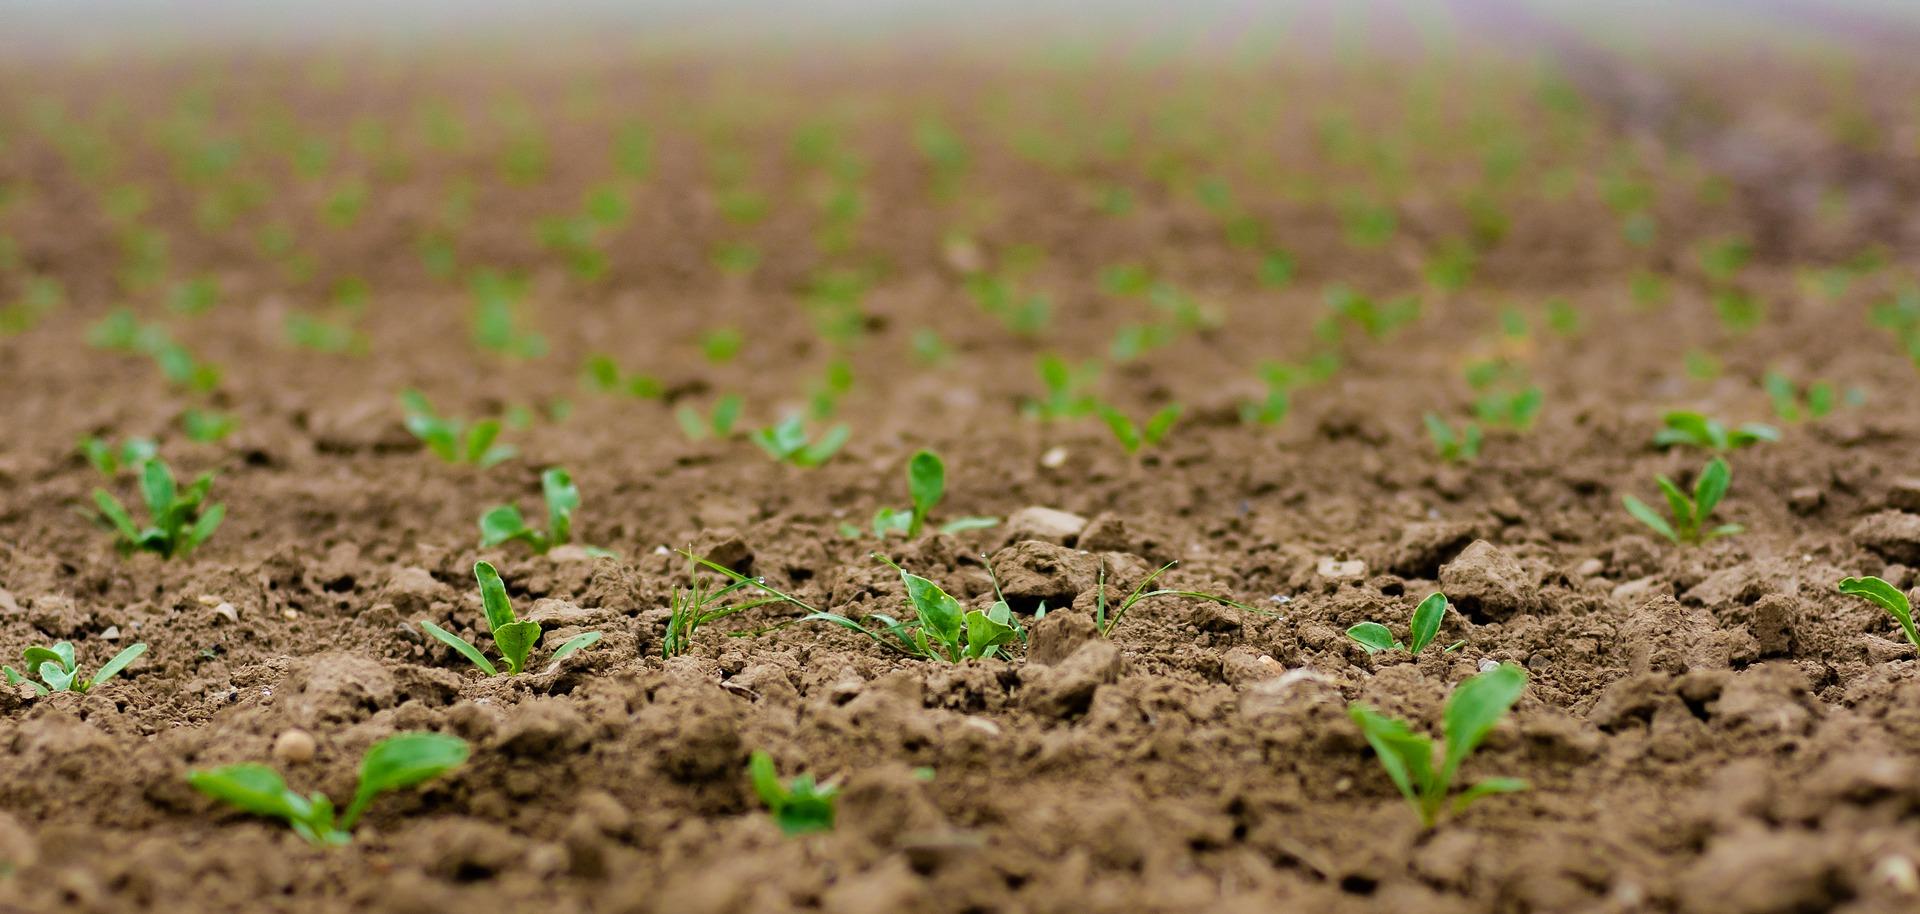 seedlings-4186033_1920